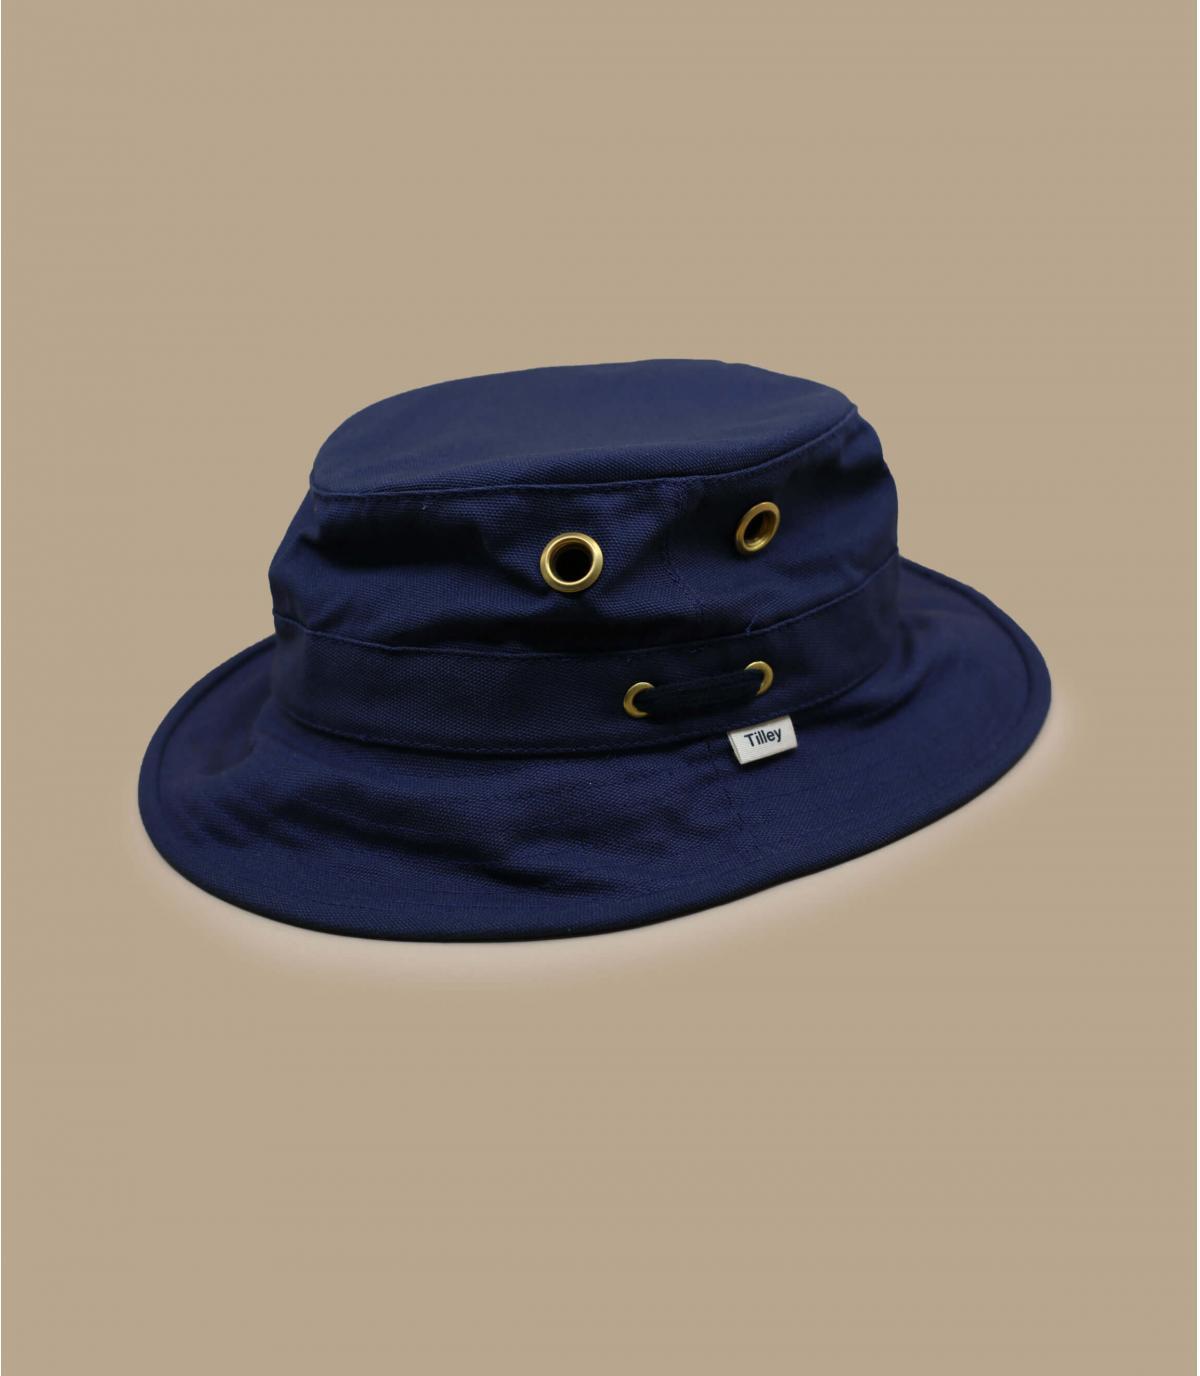 Navy blue bucket hat TilleyT1